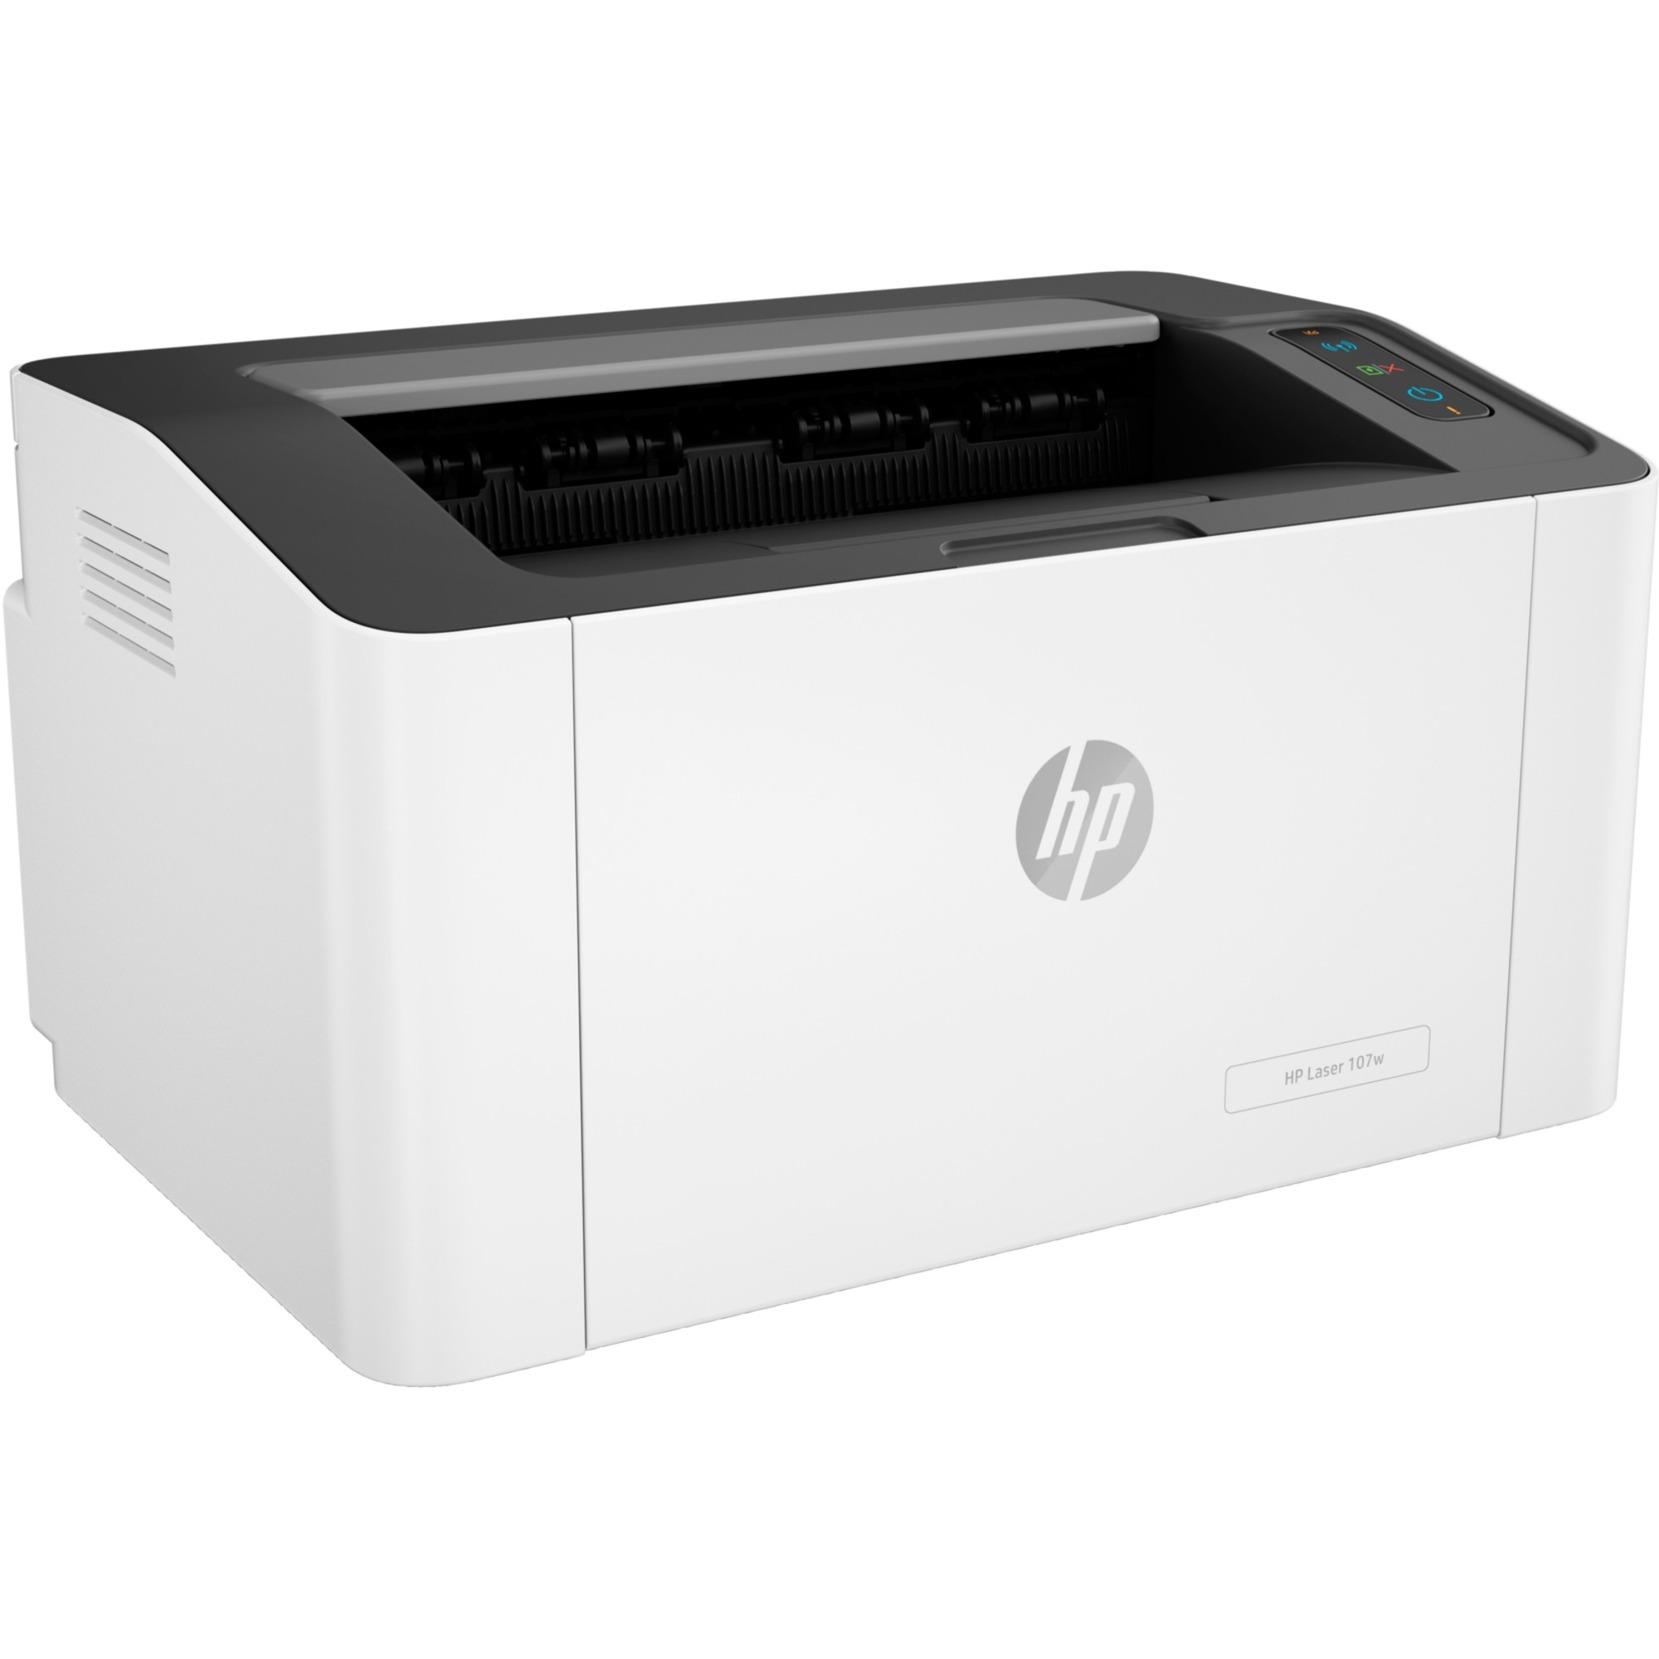 107w 1200 x 1200 DPI A4 Wifi, Impresora láser